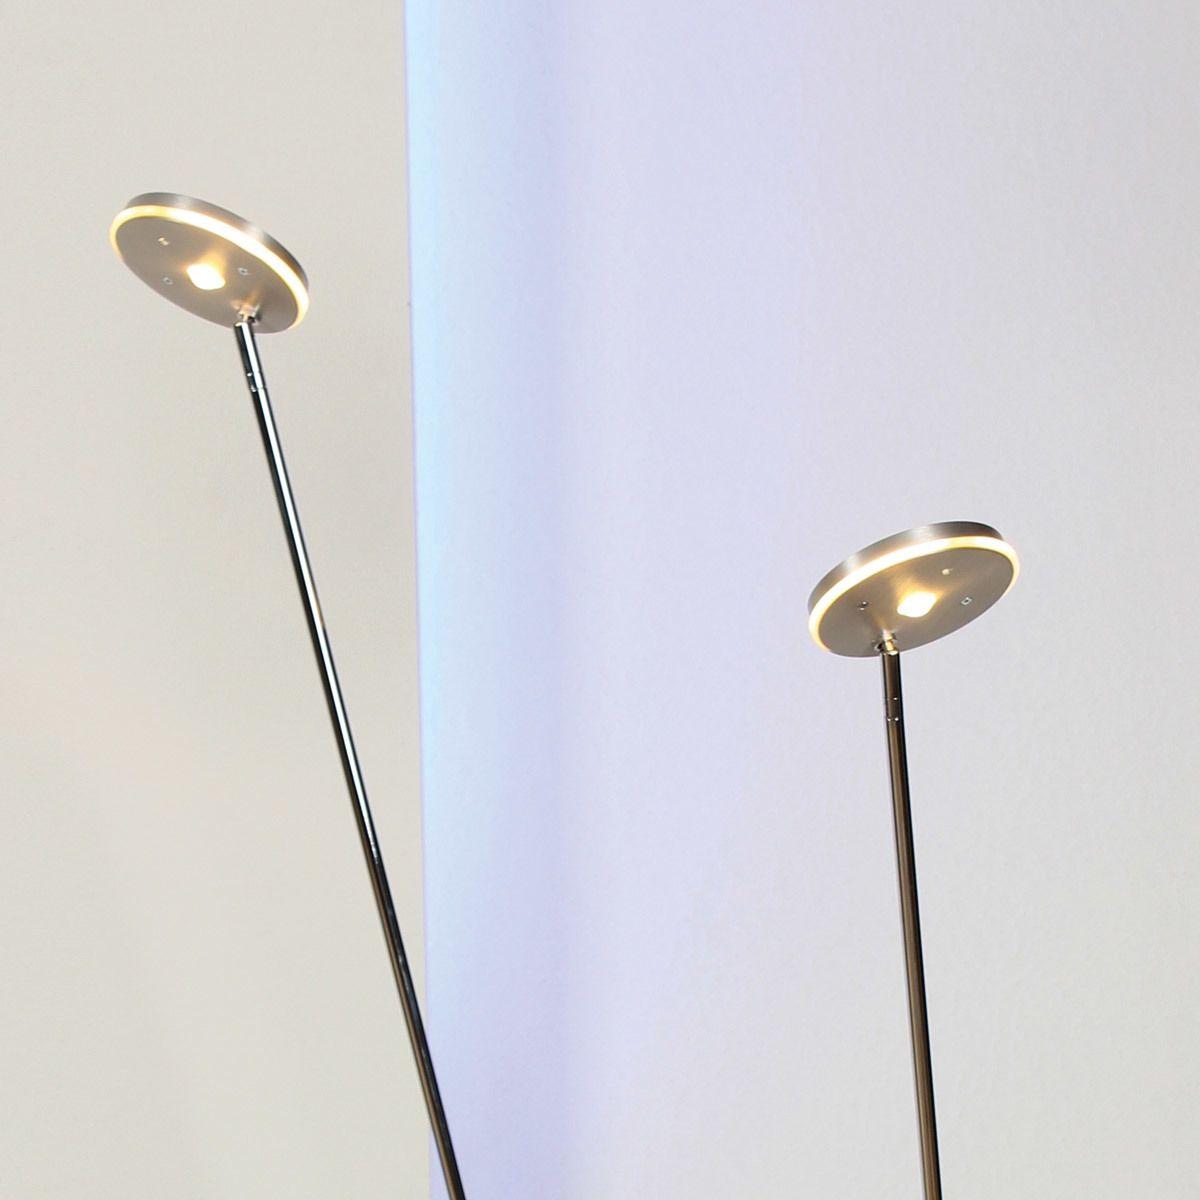 Höhe 140 cm - LED-Stehleuchte Spot It m. Dimmer 2 Jetzt bestellen ...